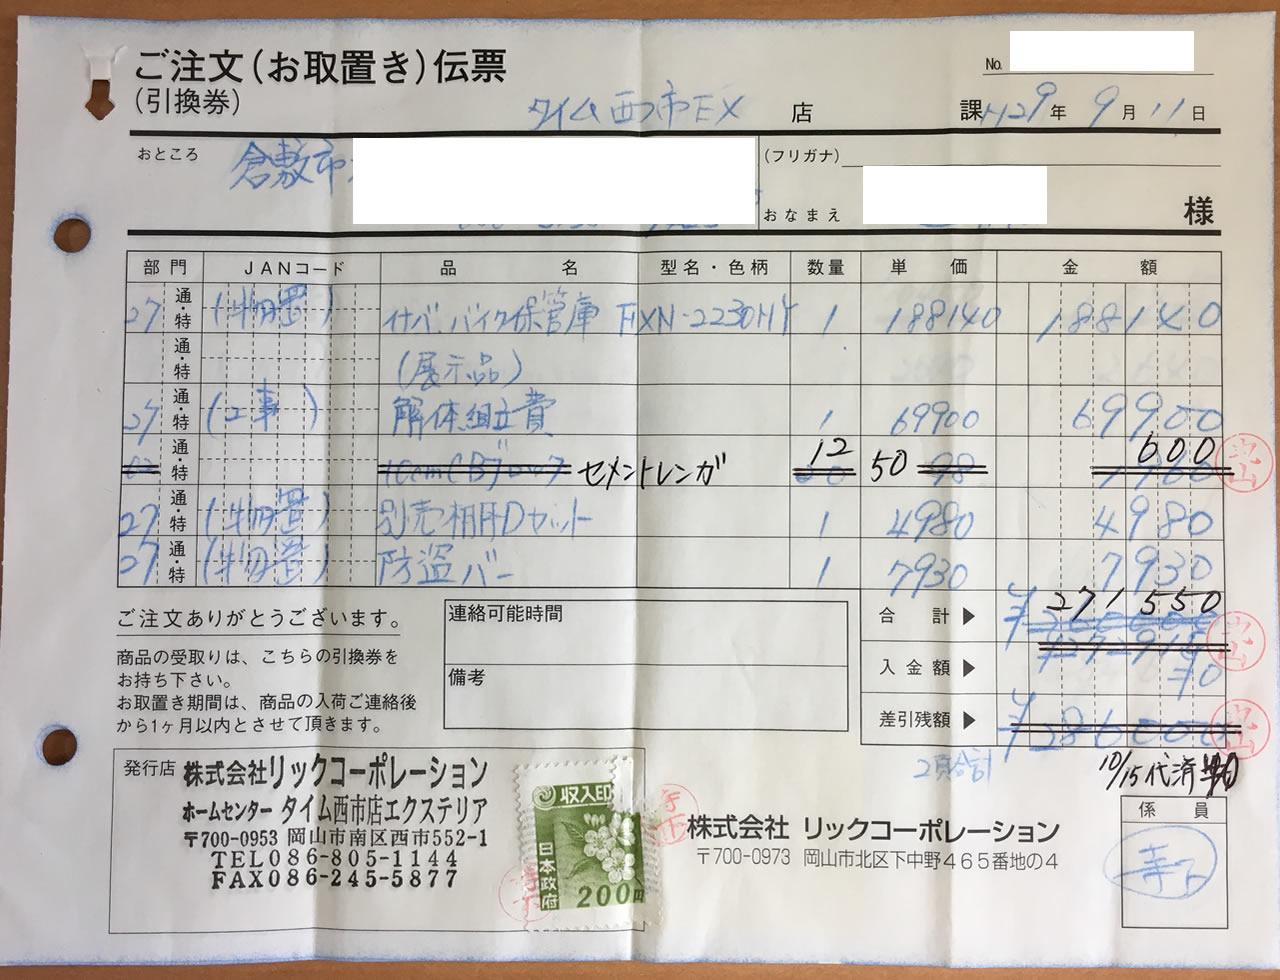 イナバ・バイク保管庫(FXN-2230HY)の請求書